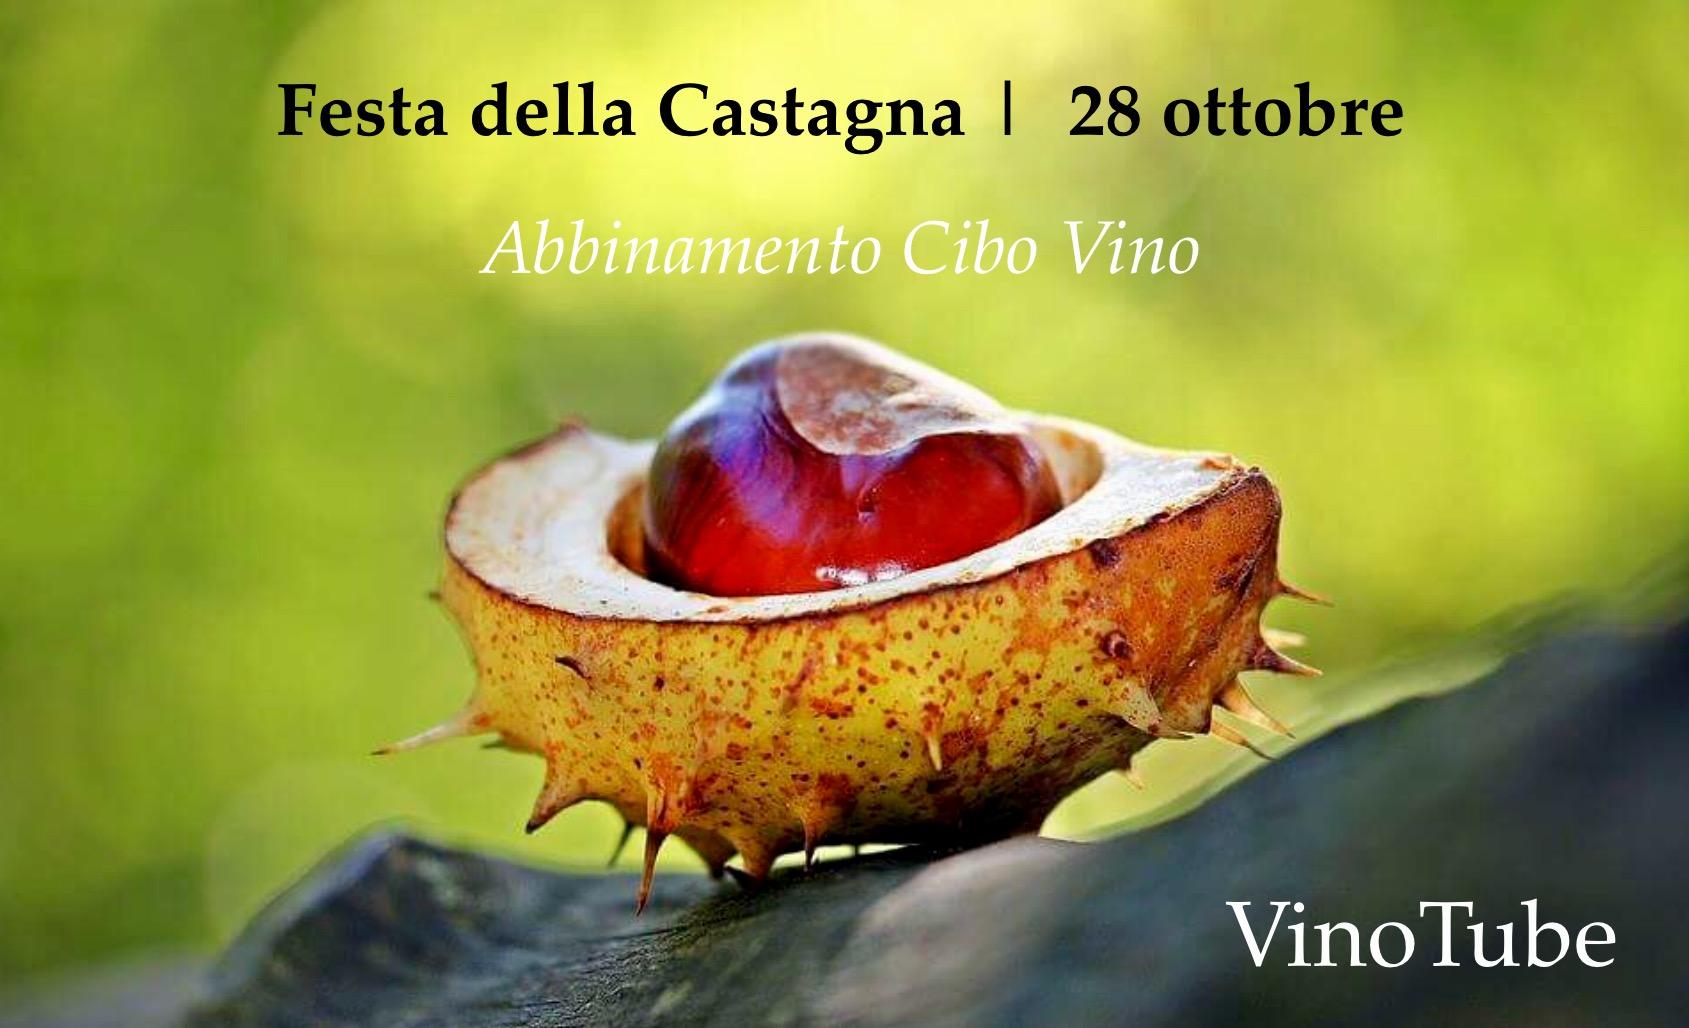 Abbinamento Cibo Vino CASTAGNA   Eventi Vino Trentino